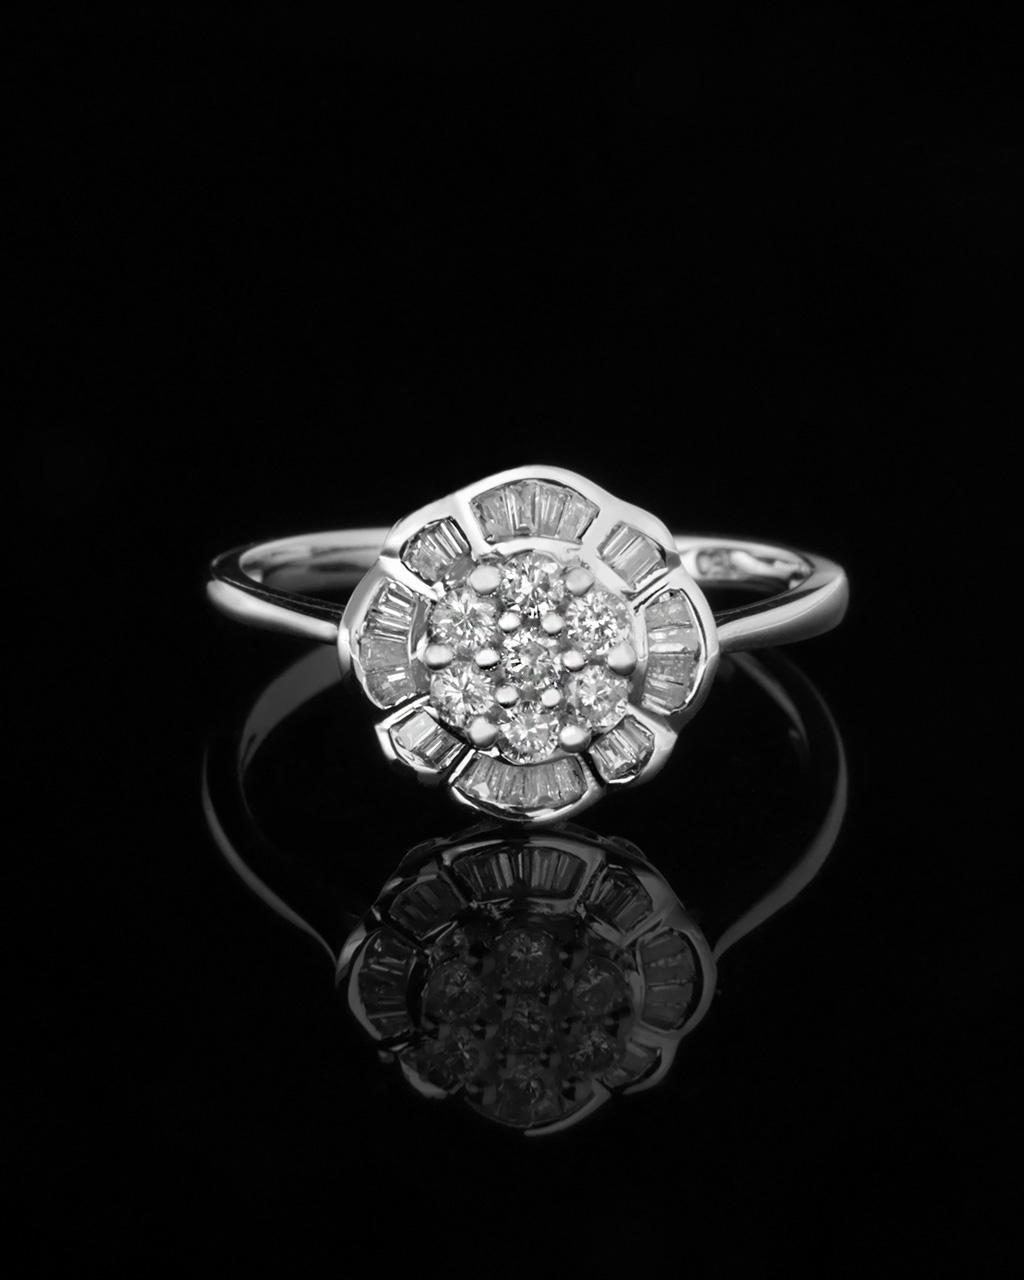 Δαχτυλίδι γάμου λευκόχρυσο με Διαμάντια   γυναικα δαχτυλίδια μονόπετρα με διαμάντια